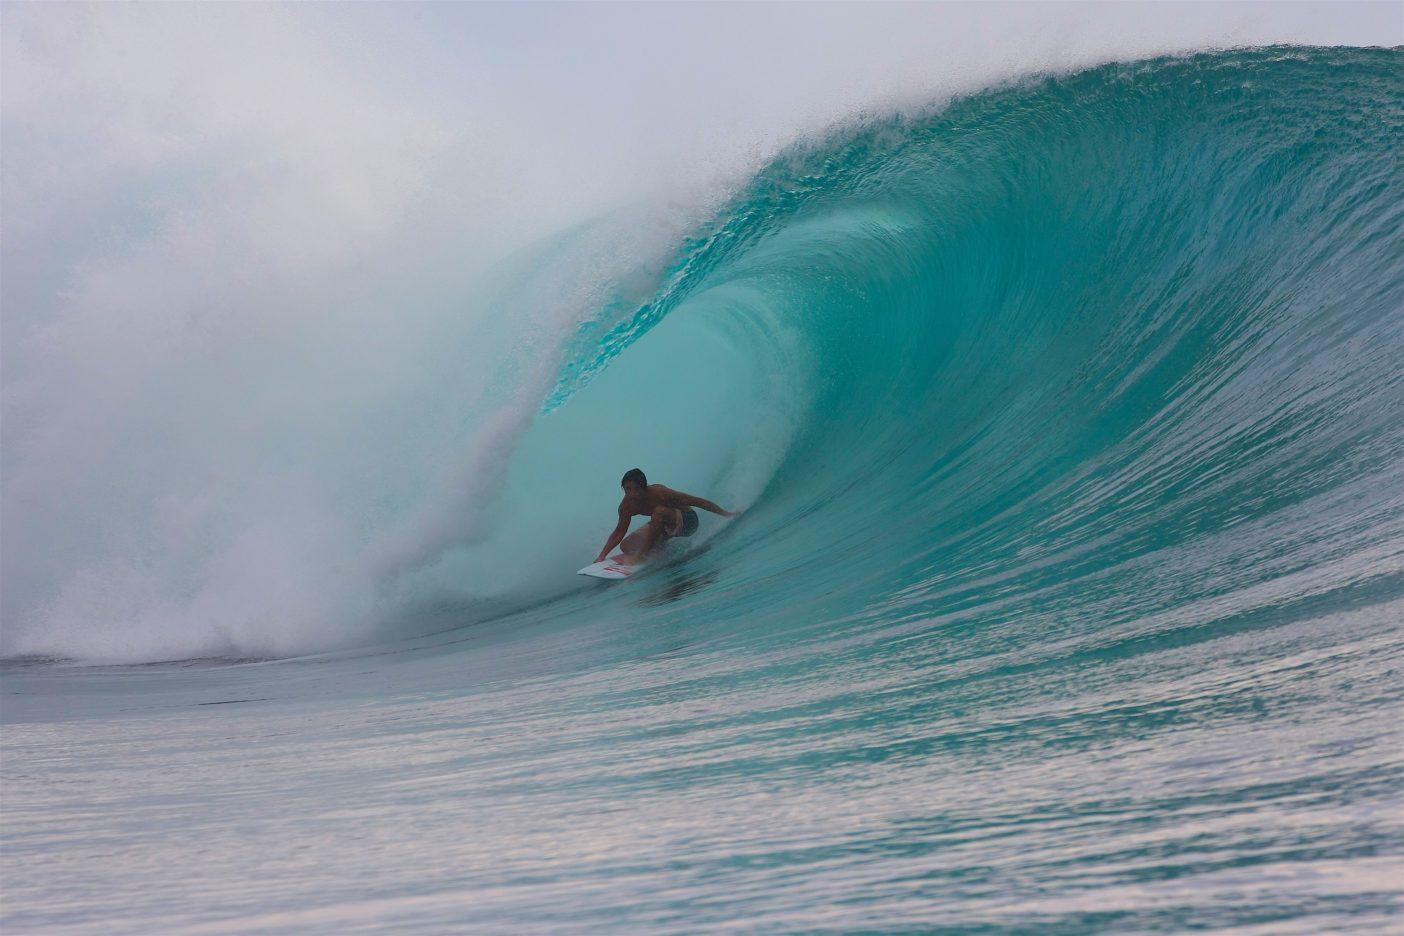 海と調和できた至福の一時。インドネシアG-ランドにて。Photo: Will Souw